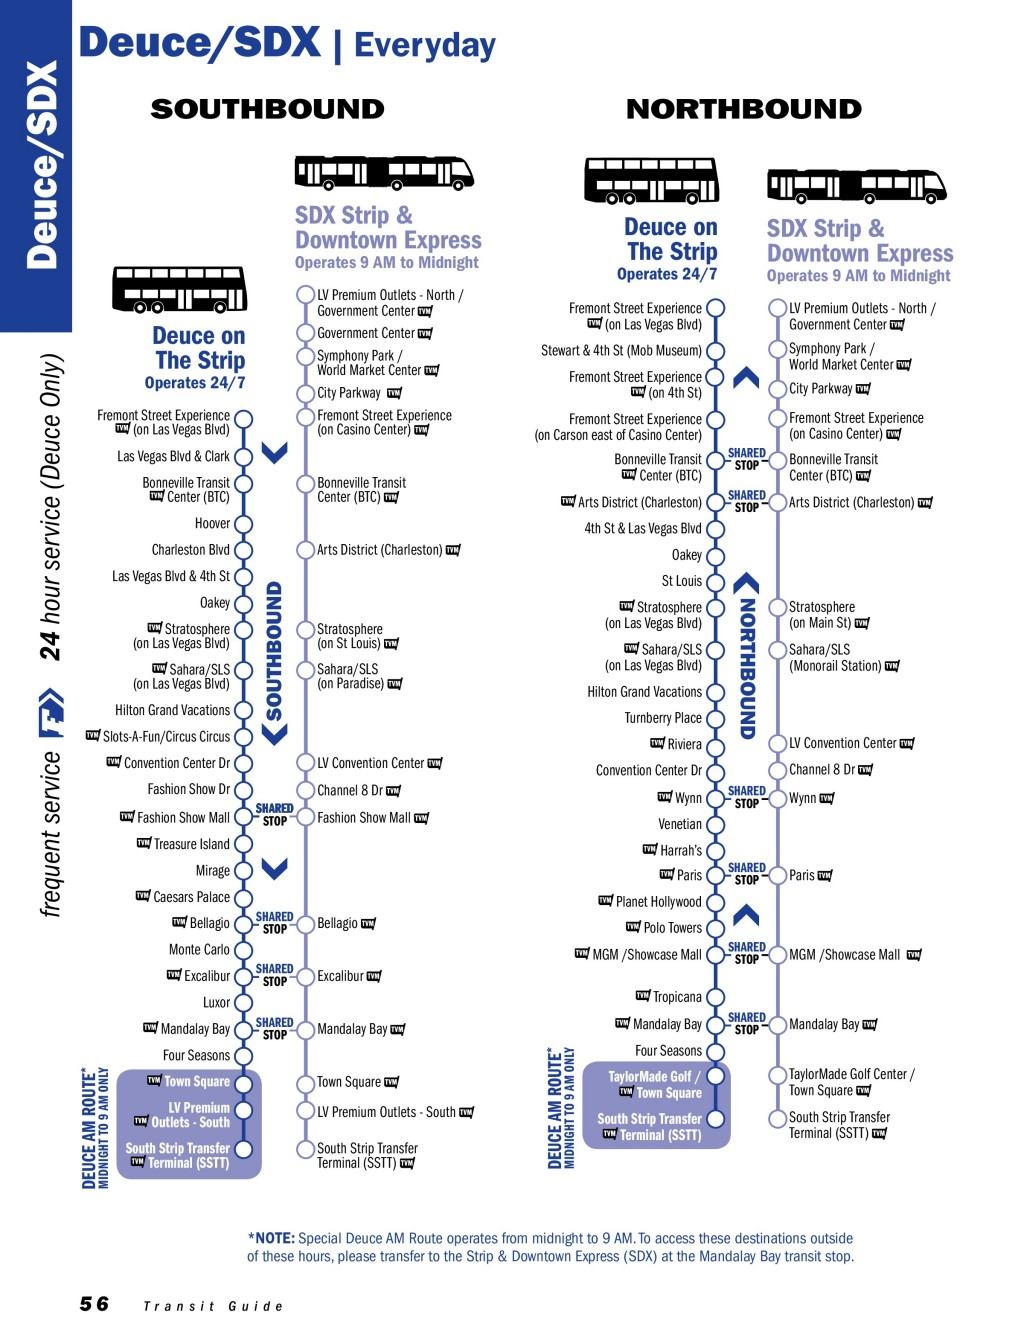 แผนที่เส้นทางเดินรถ RTC Deuce /SDX ในลาสเวกัส (Las Vegas)